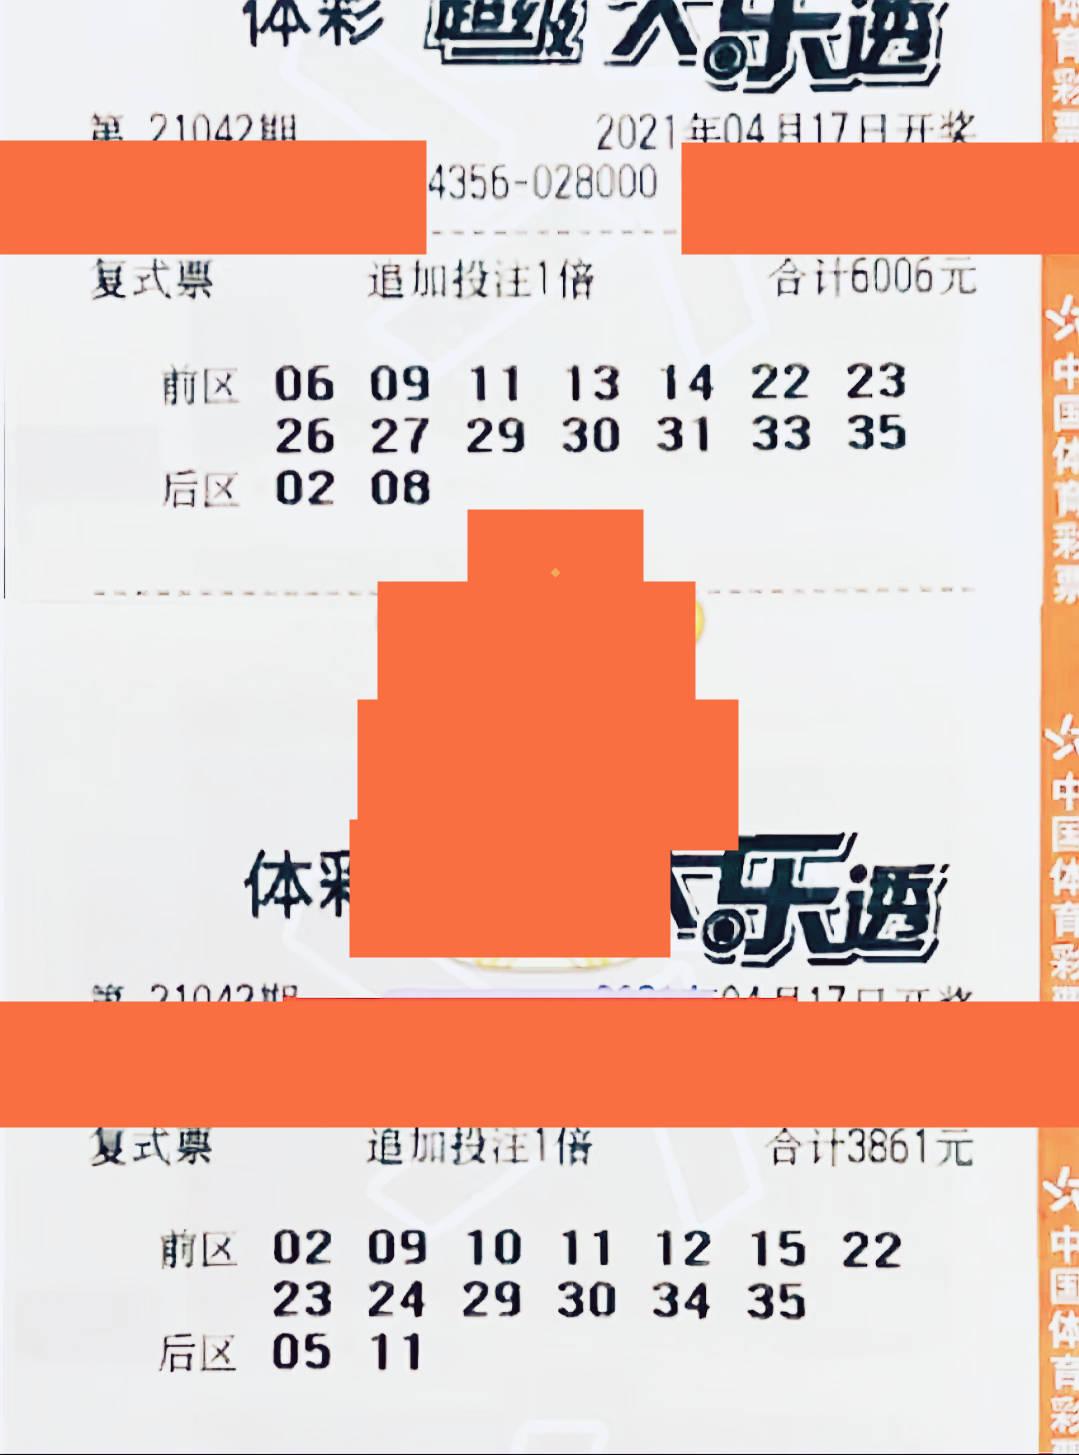 原创             大乐透21042期晒票,万元大票来相聚,幸运这次来敲门?